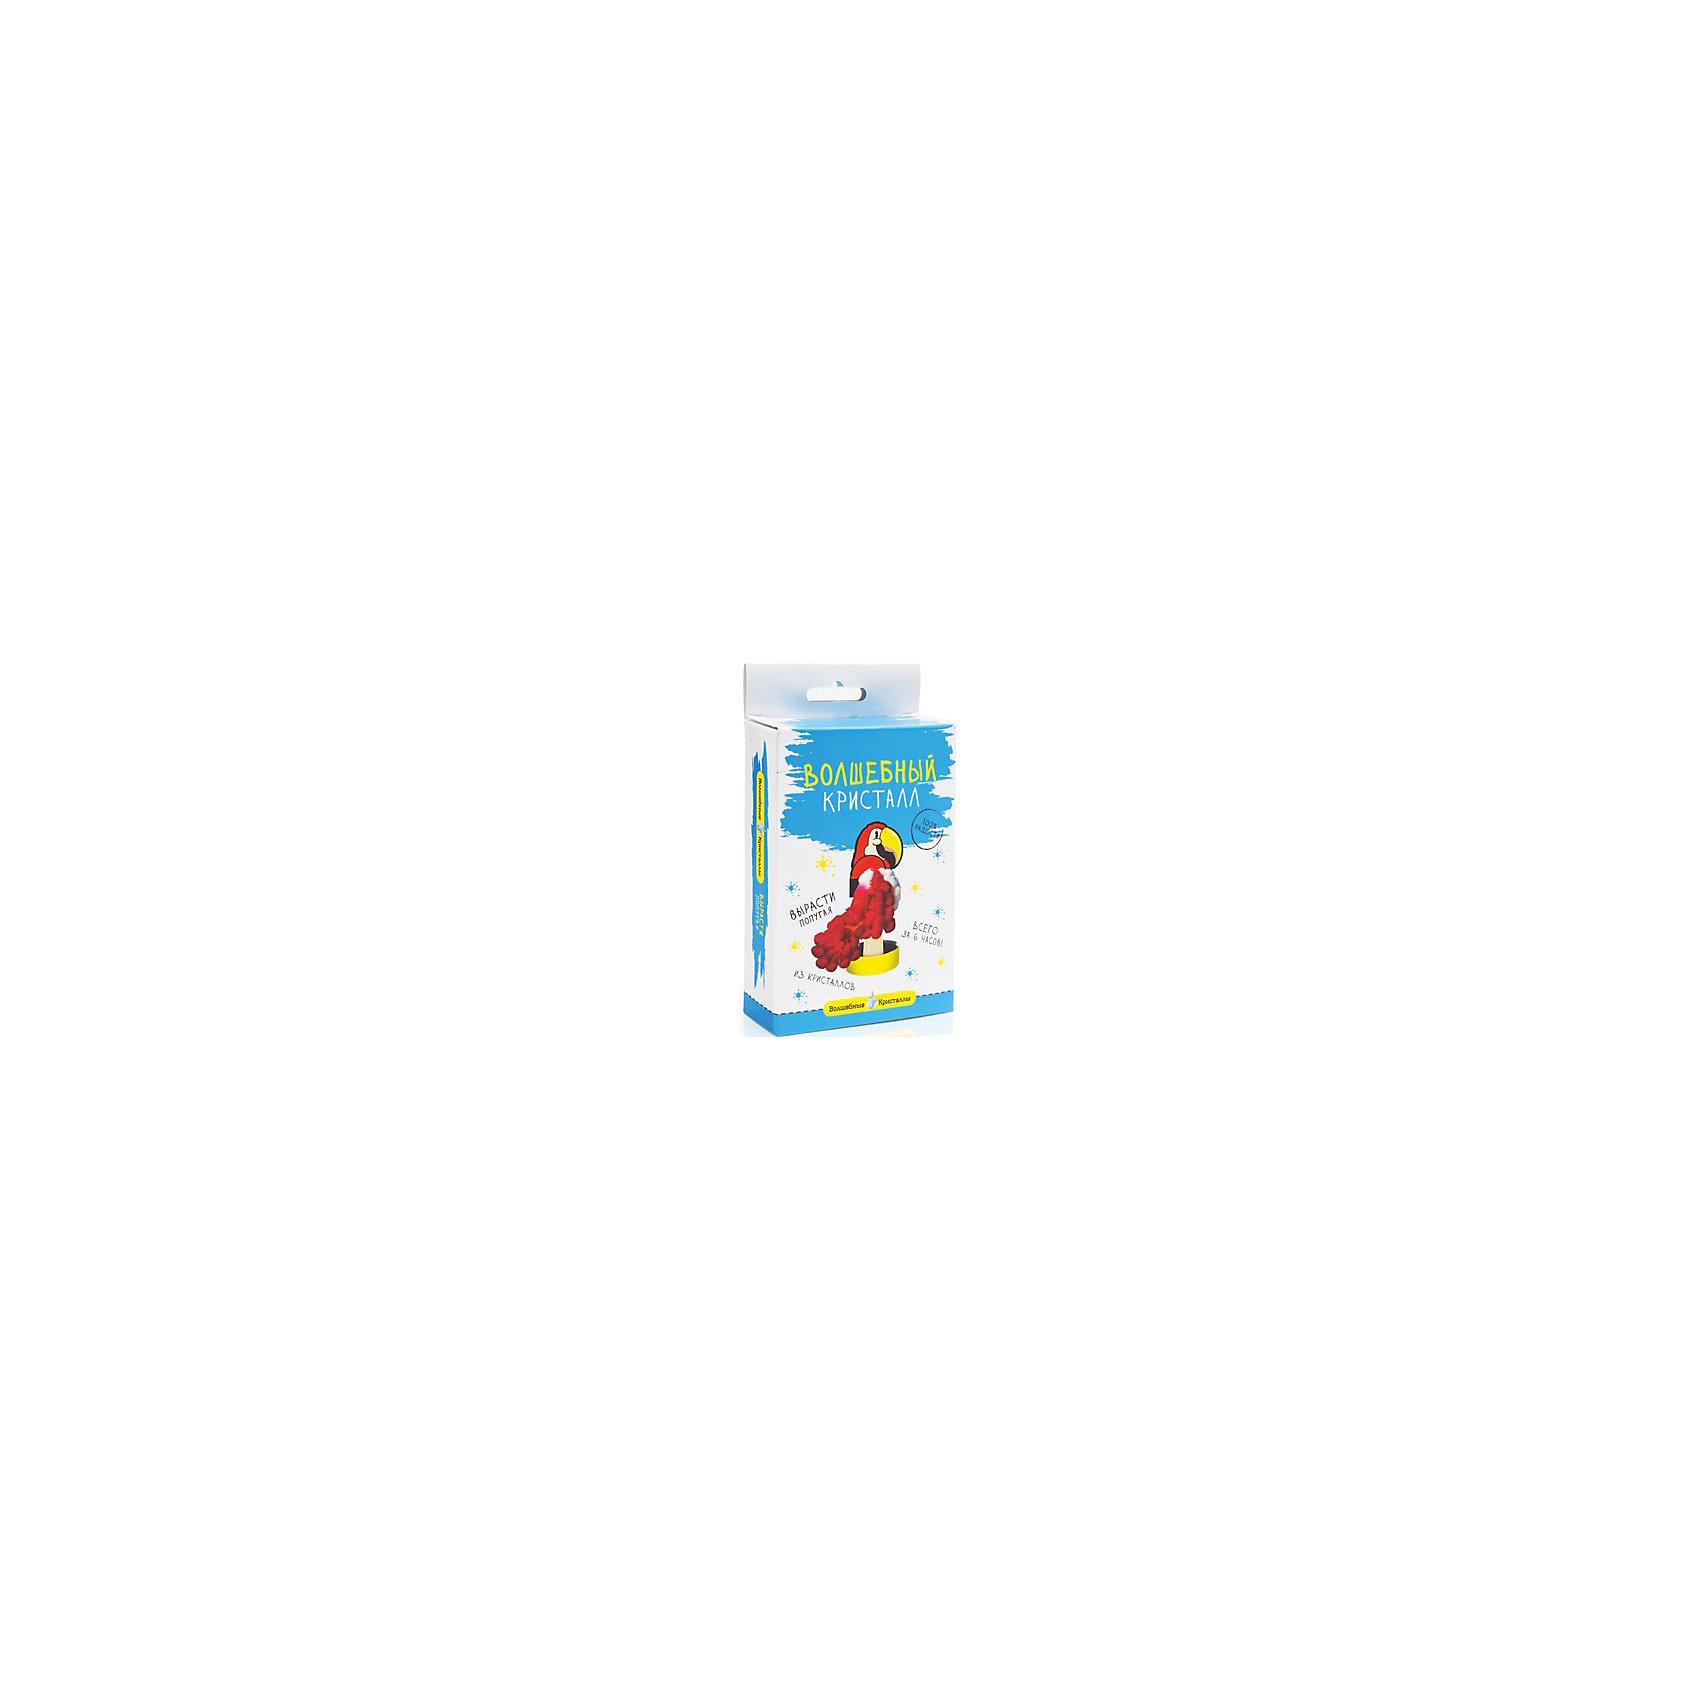 Волшебные кристаллы Попугай БумбарамКристаллы<br>Волшебные кристаллы Попугай, Бумбарам.<br><br>Характеристики:<br><br>• вы можете вырастить пушистого попугая не выходя из дома<br>• набор прост в использовании<br>• безопасен для детей<br>• пошаговая инструкция<br>• готовая поделка уже через 6 часов<br>• размер упаковки: 16,5х10х3 см<br>• вес: 50 грамм<br>• в комплекте: основа, подставка из пластика, специальный раствор, инструкция<br>• материалы: реактив, бумага, пластик, картон<br>• готовую поделку рекомендуется покрыть лаком<br><br>Если ваш ребенок любит птиц, то волшебные кристаллы Попугай обязательно порадуют его. В процессе творчества ребенку предстоит установить картонную основу на подставку и налить специальный раствор в углубление. Через 6 часов у попугая появятся красочные объемные перья из кристаллов. Этот вид творчества поможет развить усидчивость и внимательность. Фигурку попугая можно оставить в подарок или украсить ею свою комнату.<br><br>Волшебные кристаллы Попугай, Бумбарам вы можете купить в нашем интернет-магазине.<br><br>Ширина мм: 170<br>Глубина мм: 100<br>Высота мм: 30<br>Вес г: 50<br>Возраст от месяцев: 72<br>Возраст до месяцев: 144<br>Пол: Унисекс<br>Возраст: Детский<br>SKU: 5053931